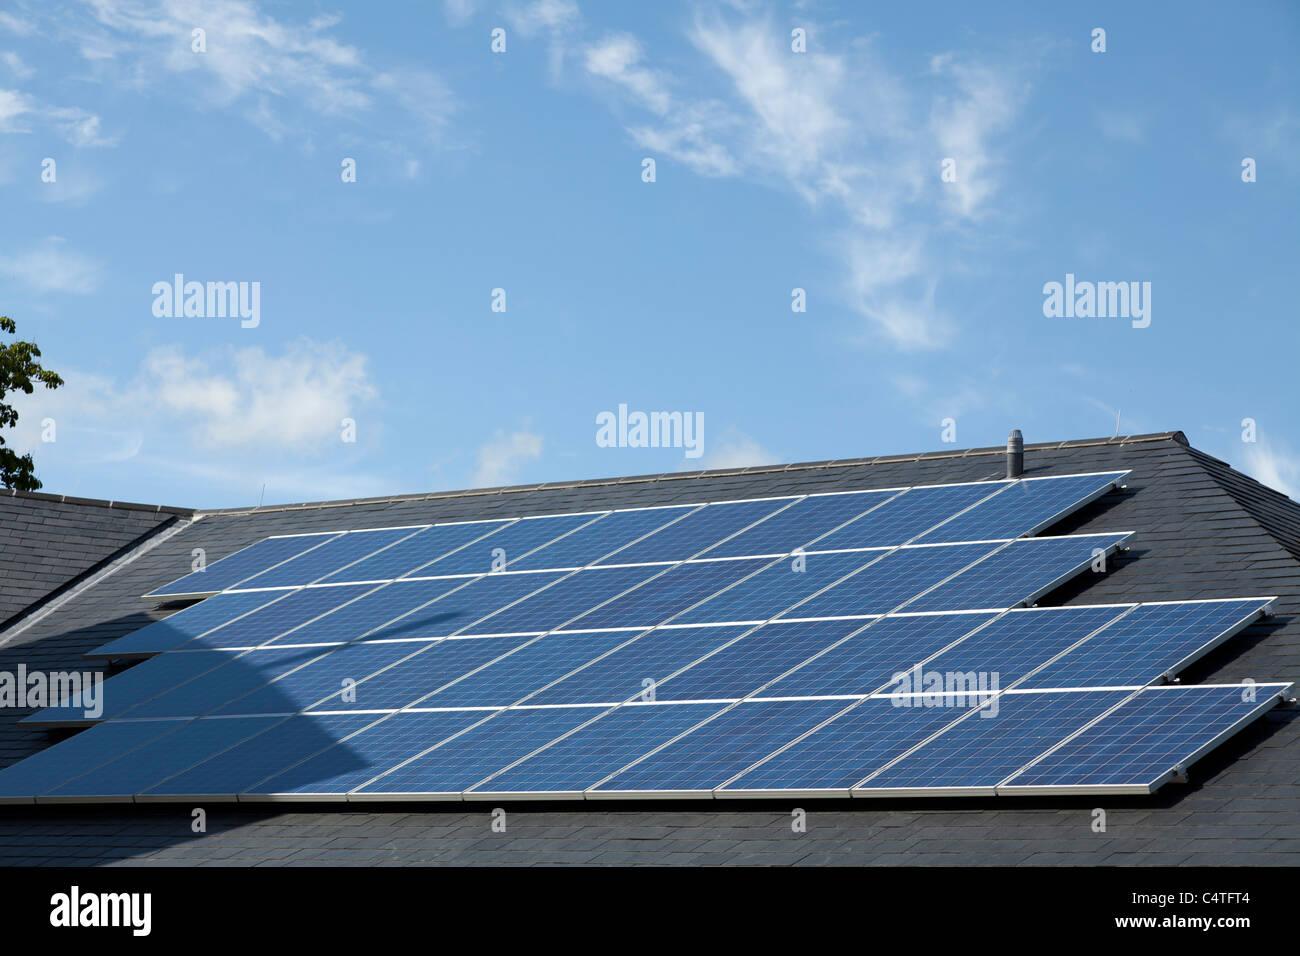 Panneaux solaires sur toiture de bâtiment commercial Photo Stock